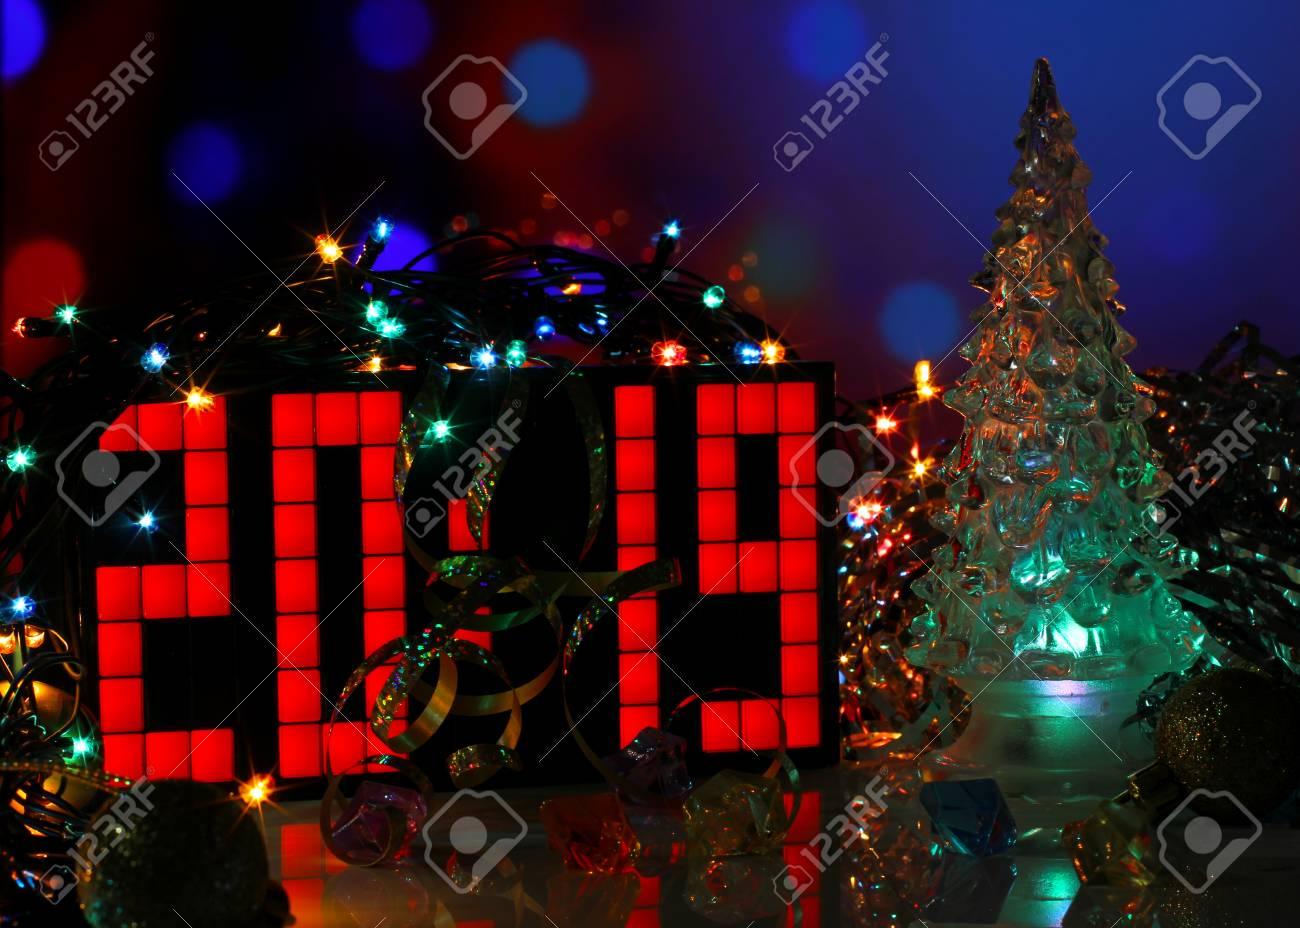 Imagenes Felicitacion Navidad 2019.Feliz Ano Nuevo 2019 Colorida Tarjeta De Felicitacion Con Vidrio Arbol De Navidad En El Fondo Azul Oscuro Bokeh Cartel De Fiesta Banner O